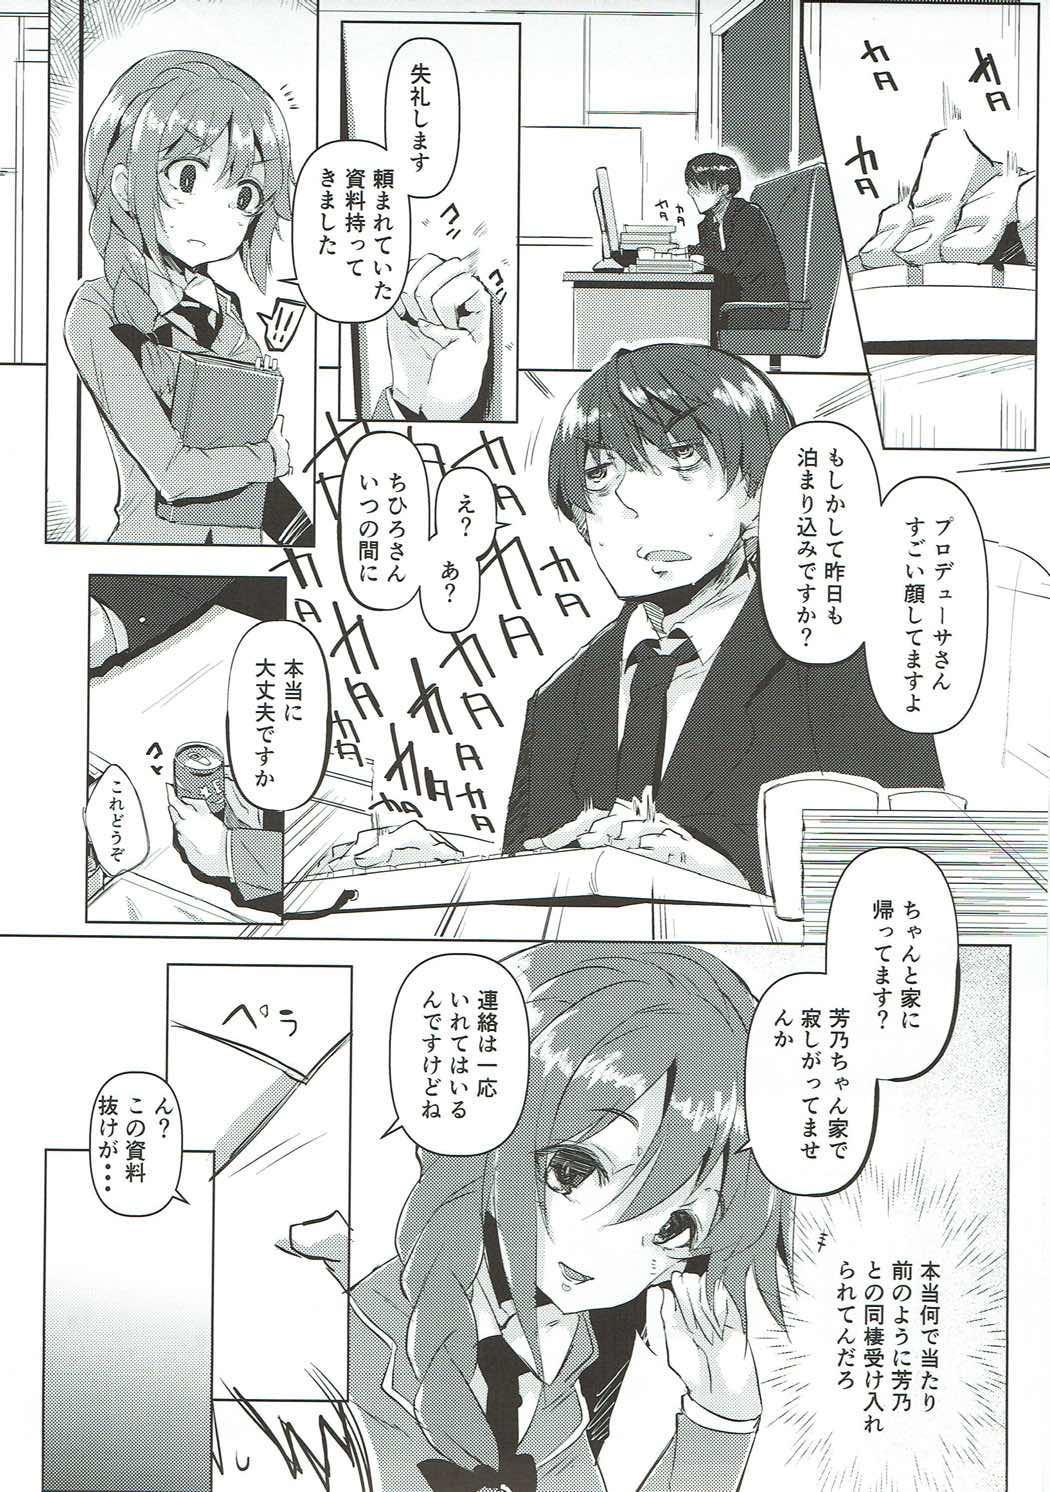 Sonata o Iyasu no deshitee 3